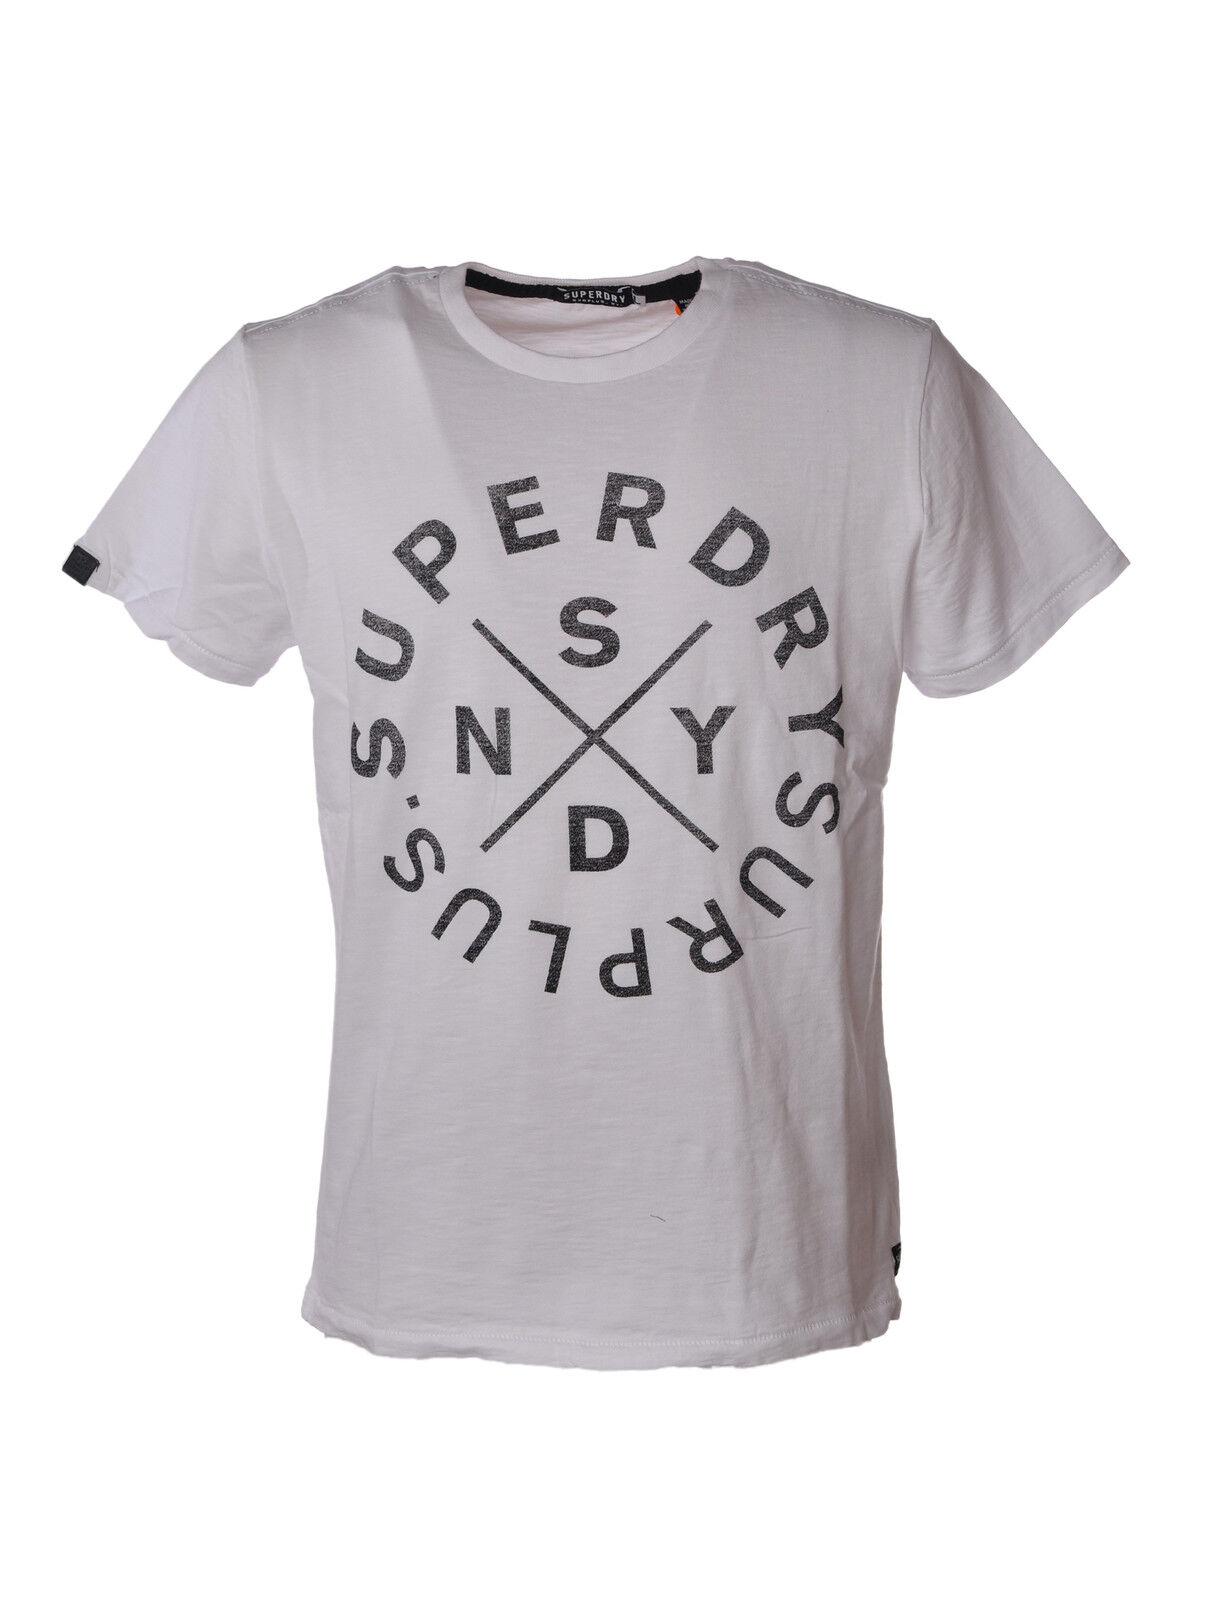 Superdry  -  T - Männchen - white - 3488421A185014